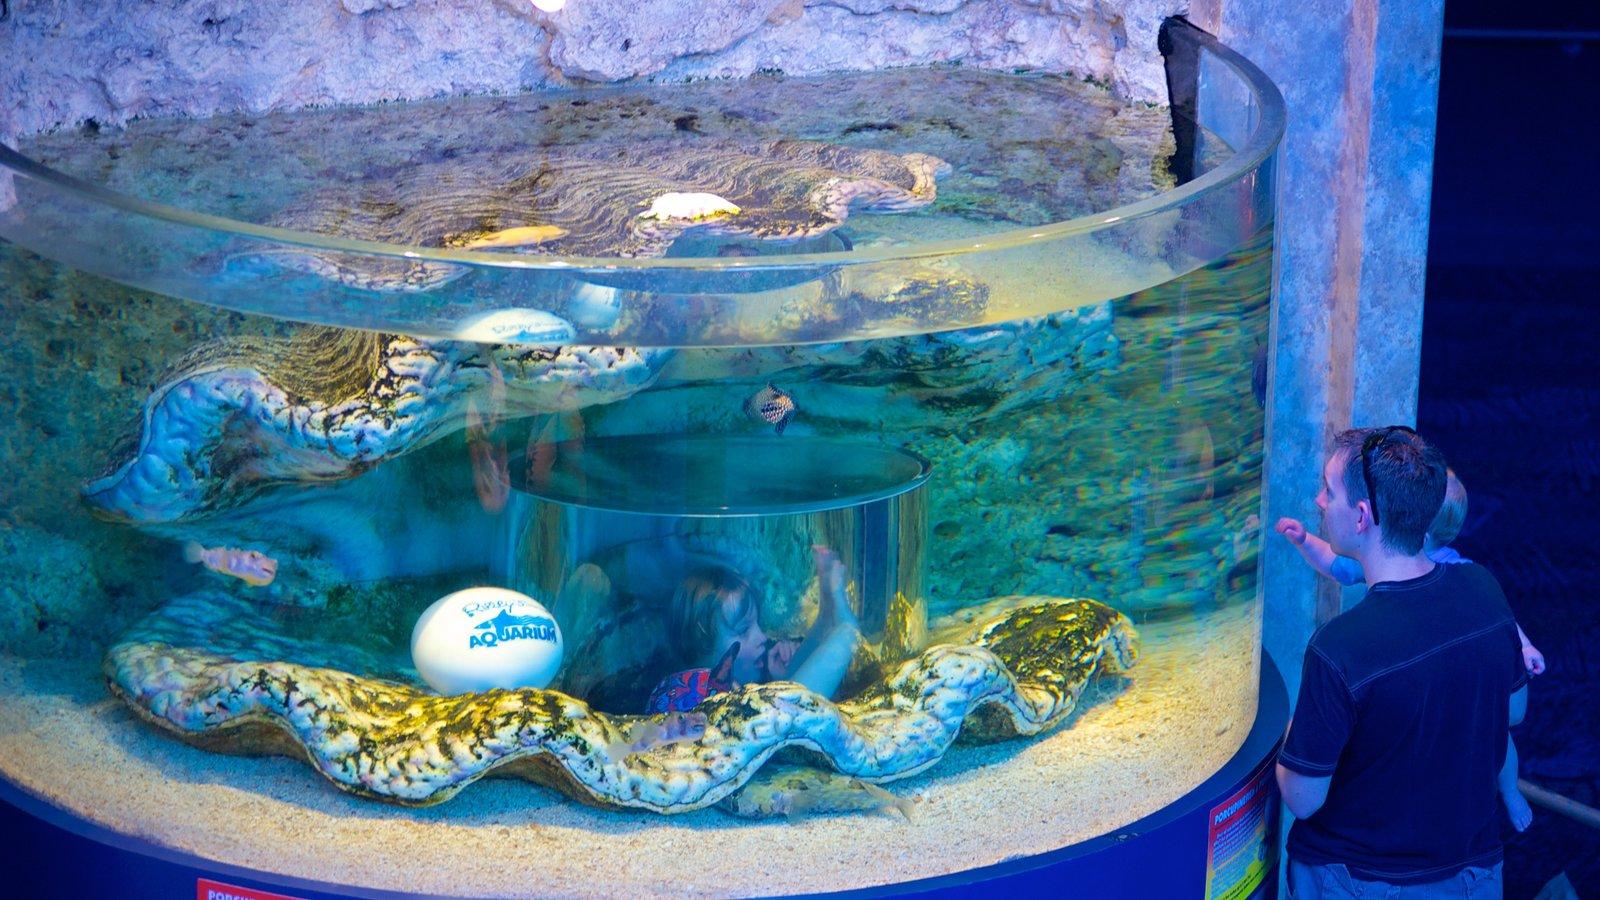 Ripley\'s Aquarium mostrando vida marinha e vistas internas